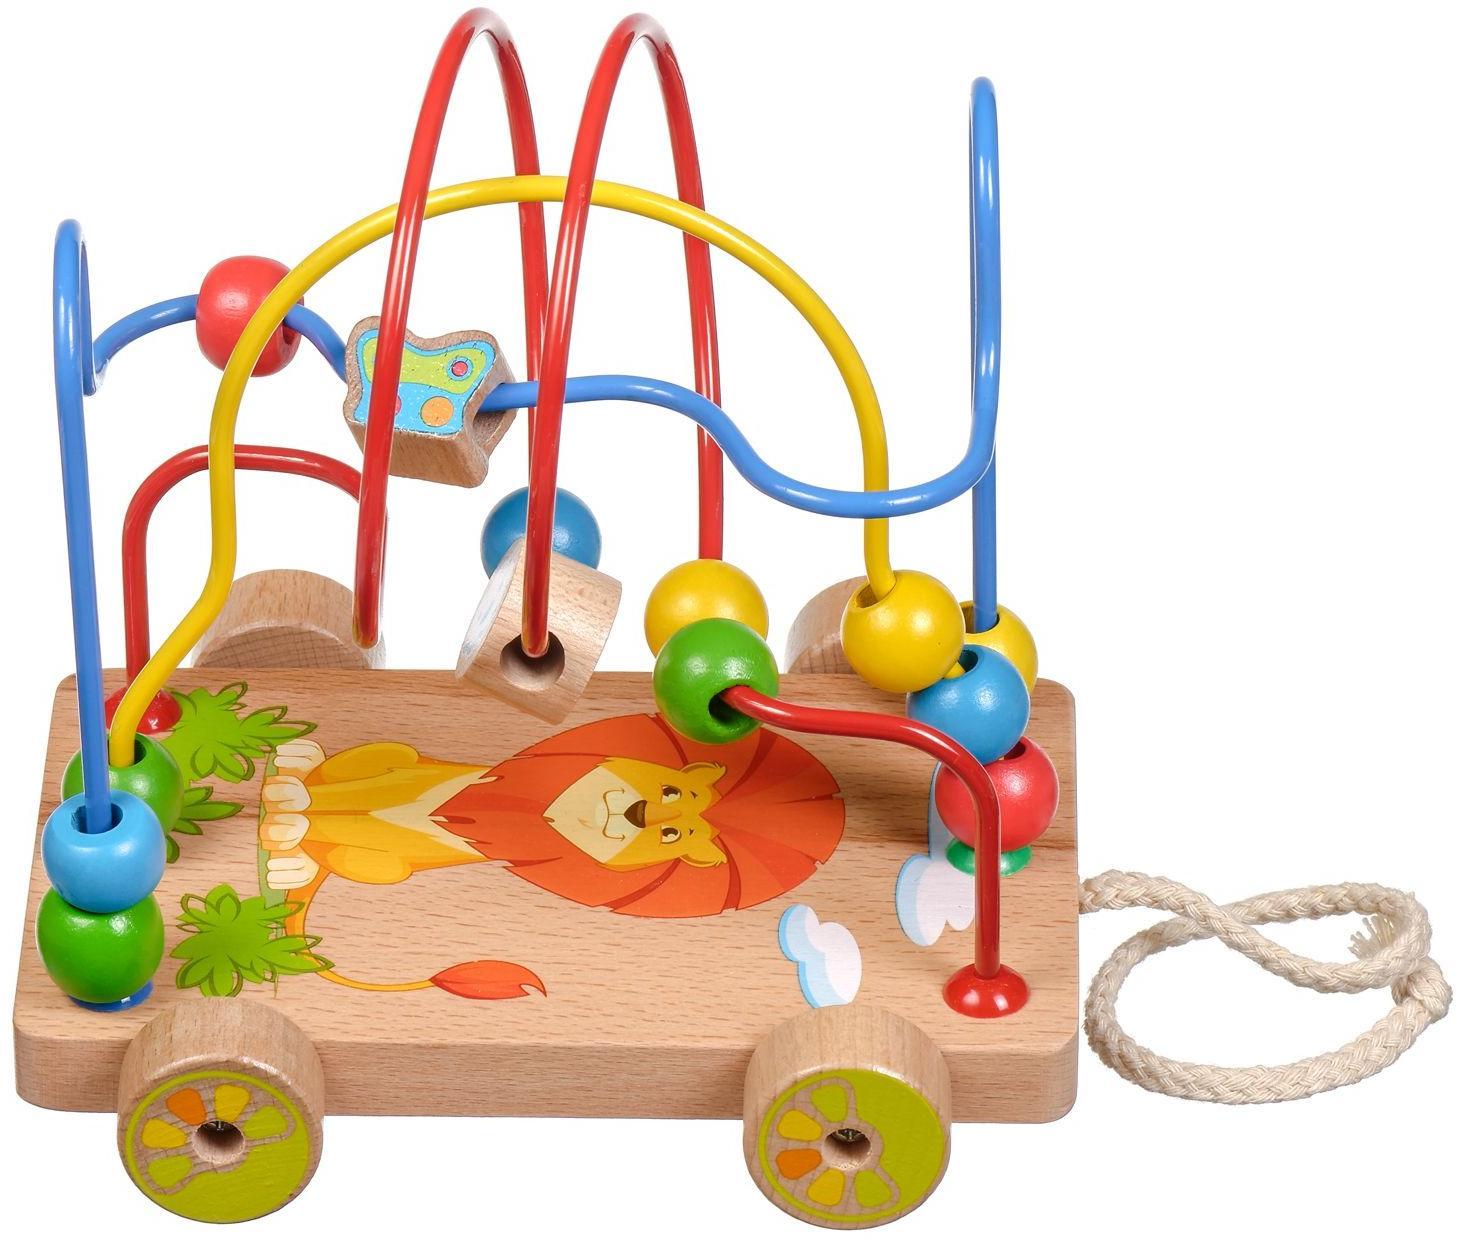 Развивающая игрушка МДИ Лабиринт-каталка Львенок Д011 фото